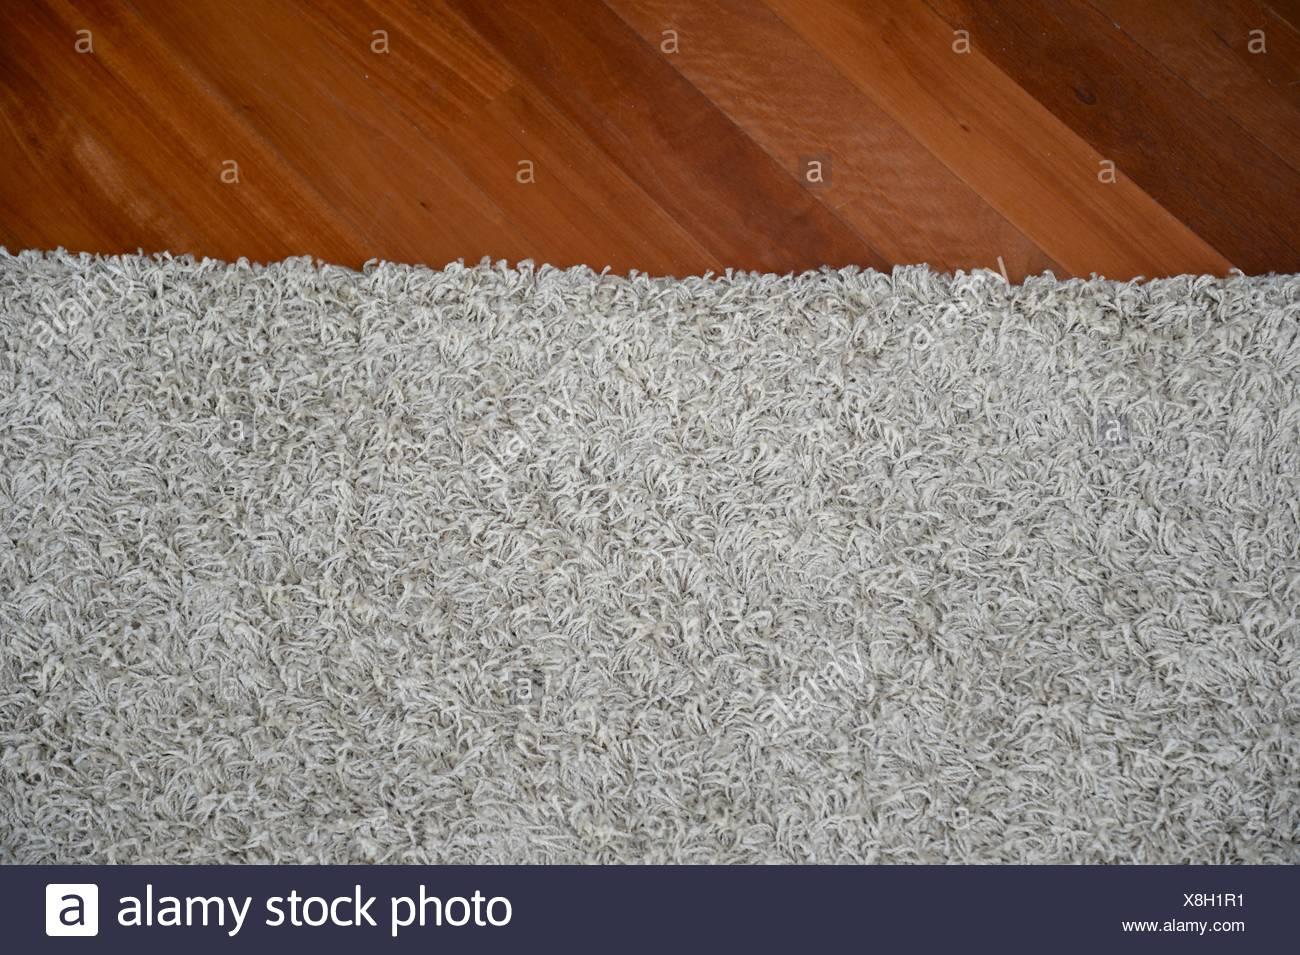 Fußboden Teppich ~ Ein fußboden teppich isoliert auf einem einfarbigen hintergrund